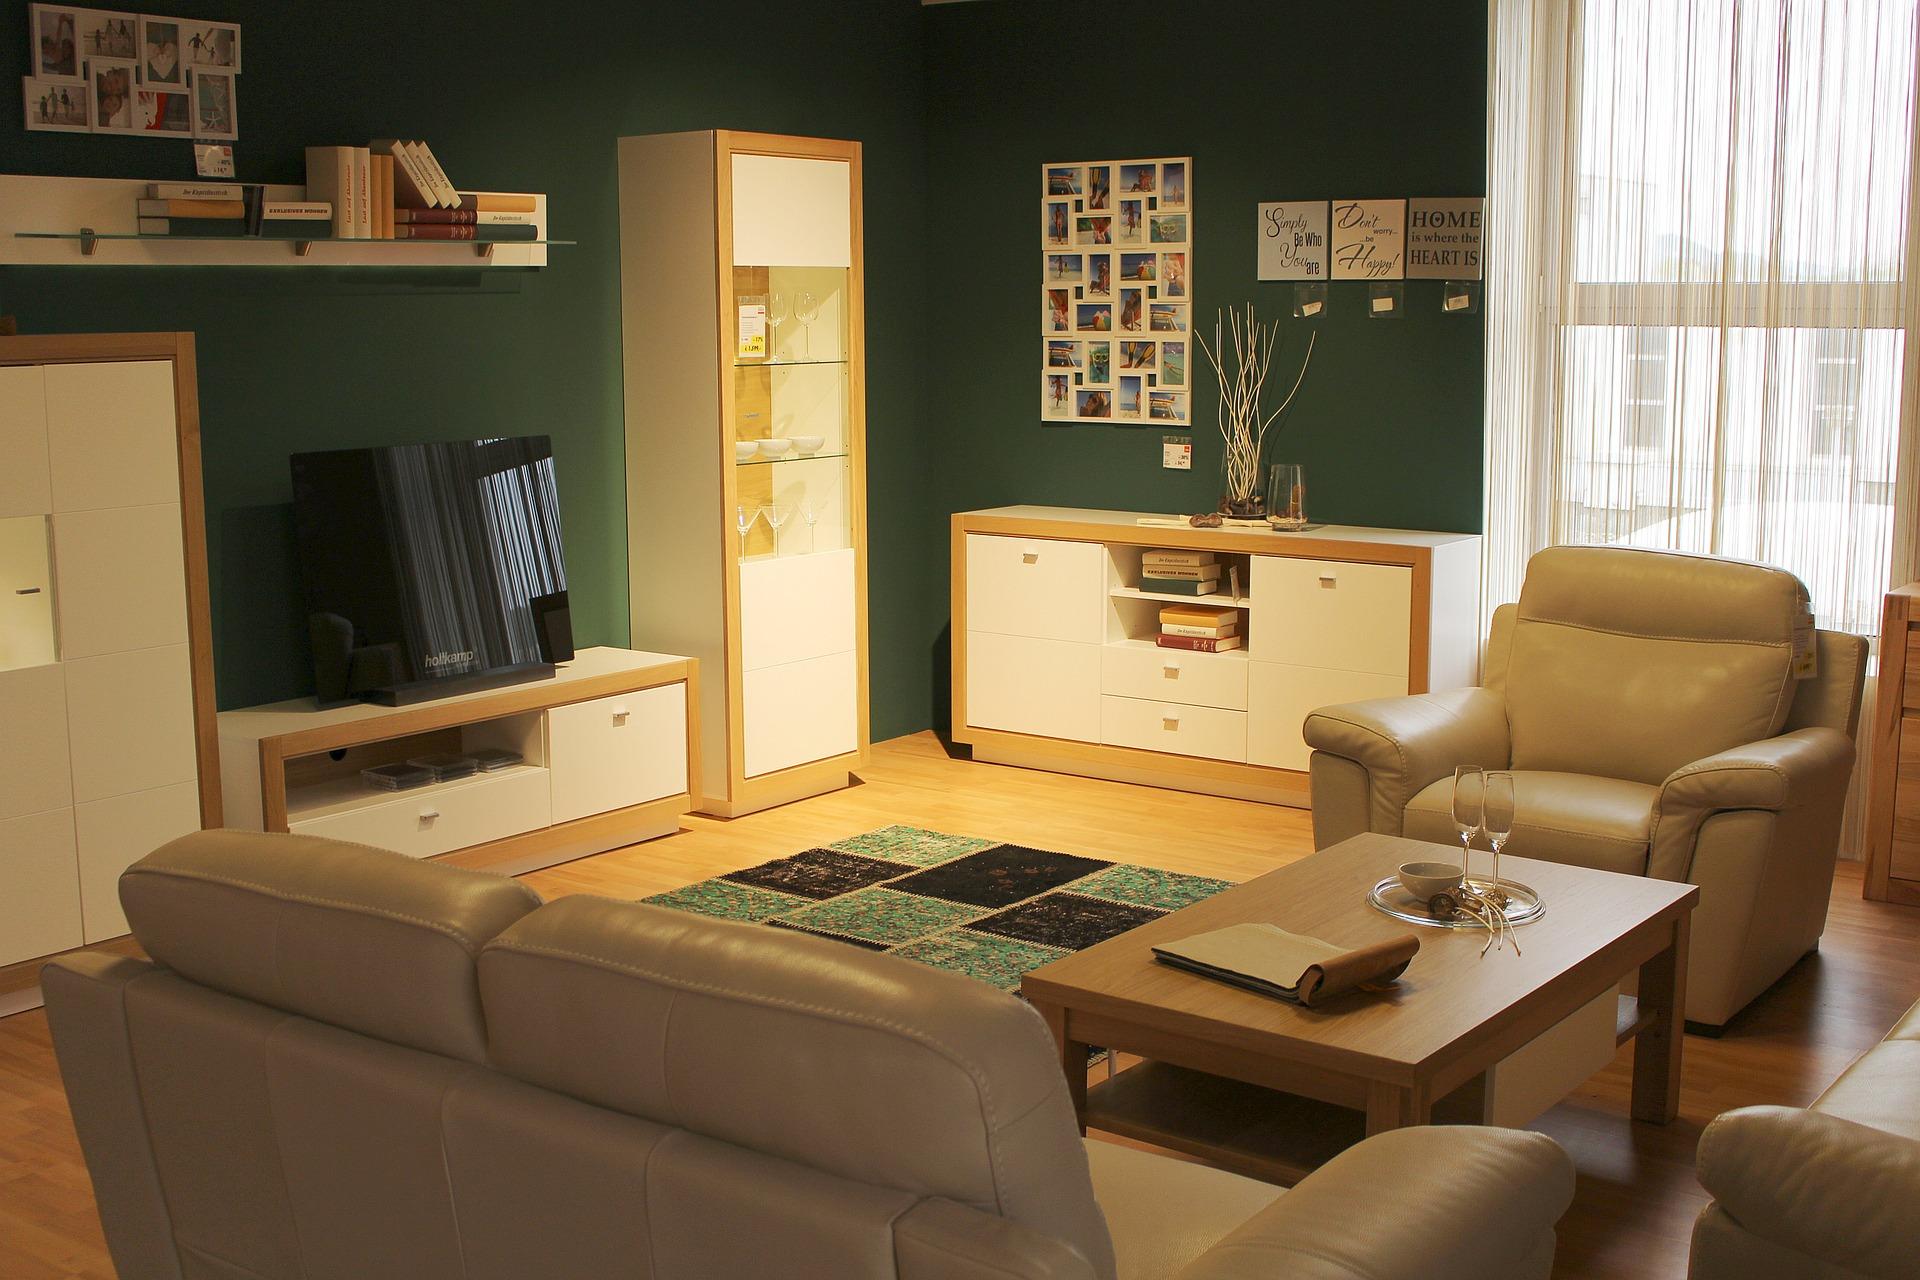 foro-decoracion-decoracion-en-el-hogar-2